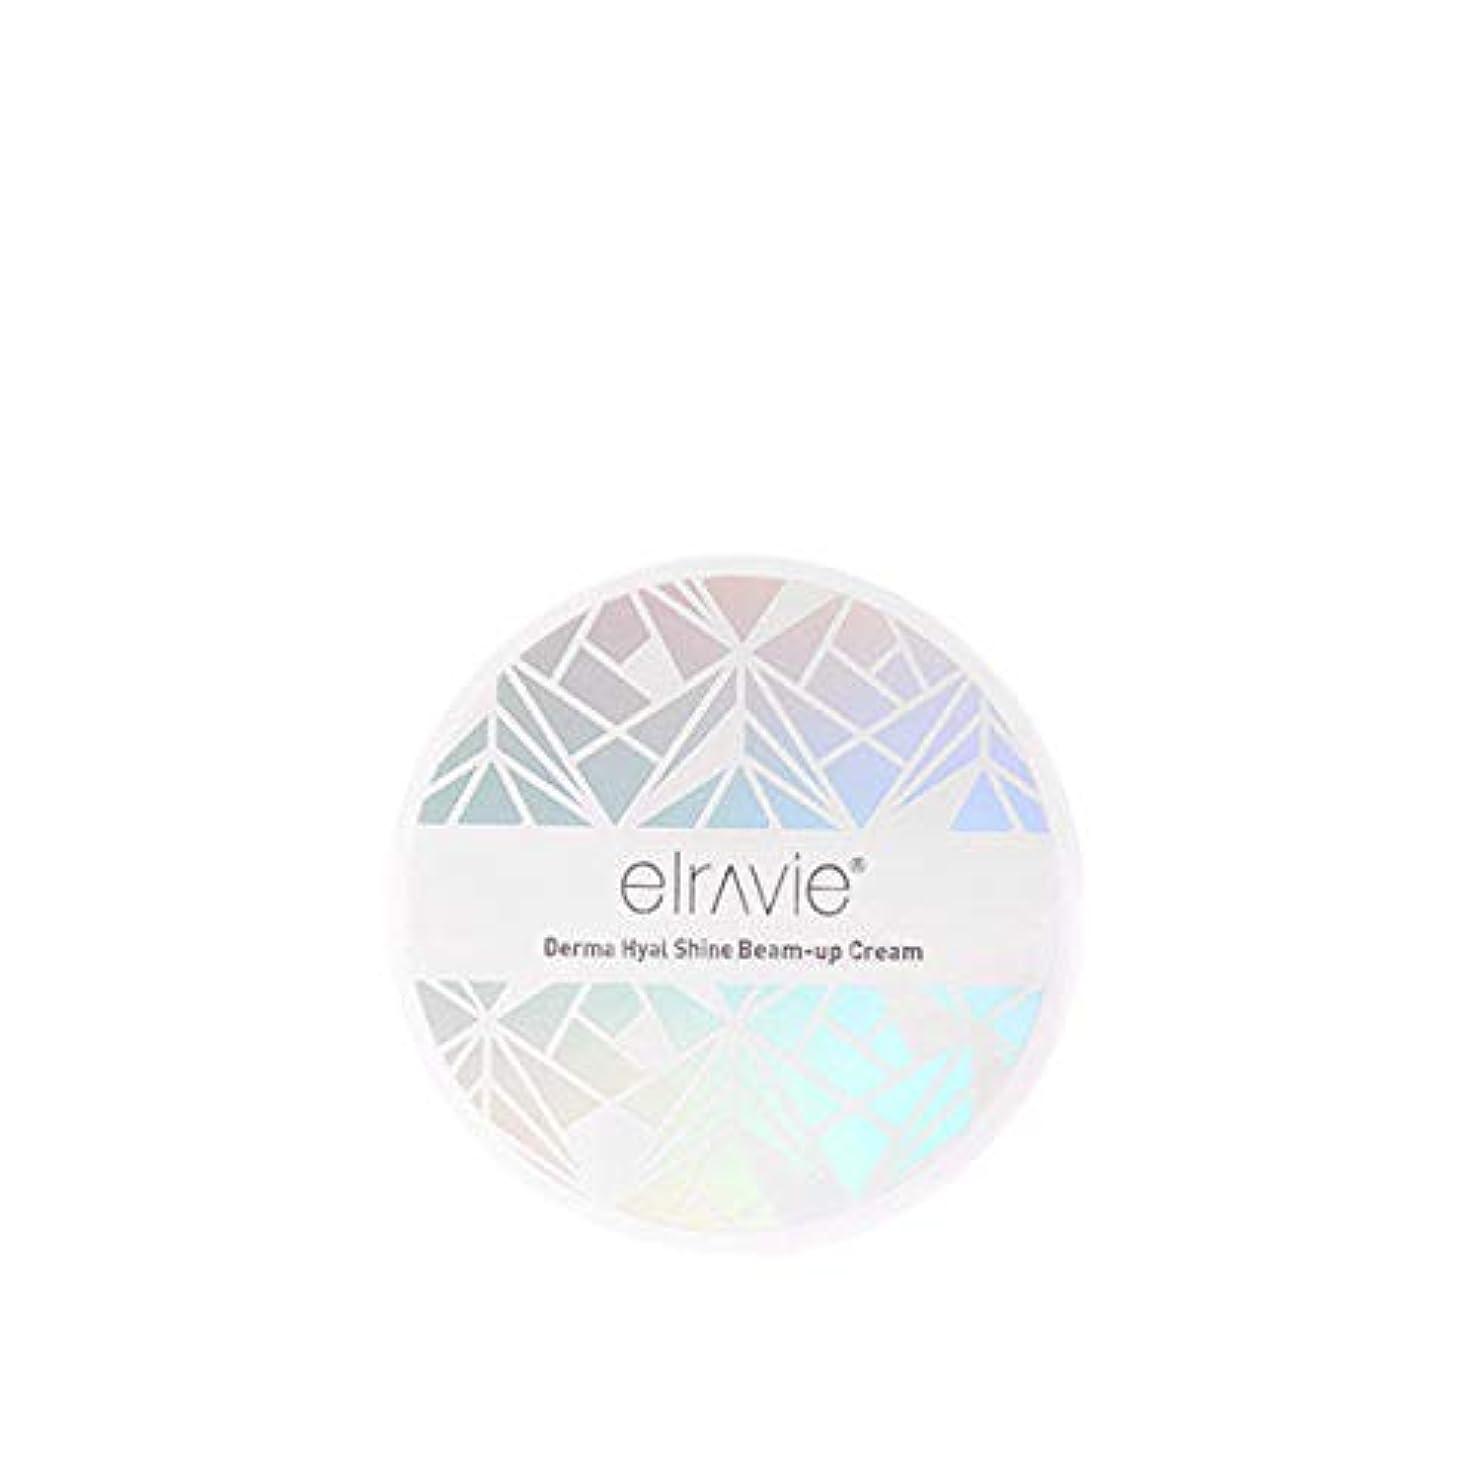 呼ぶ明日サイトラインエラヴィー[Elravie] ダーマヒアルロン酸 輝くビームアップクリーム15g / Derma Hyal Shine Beam-up Cream